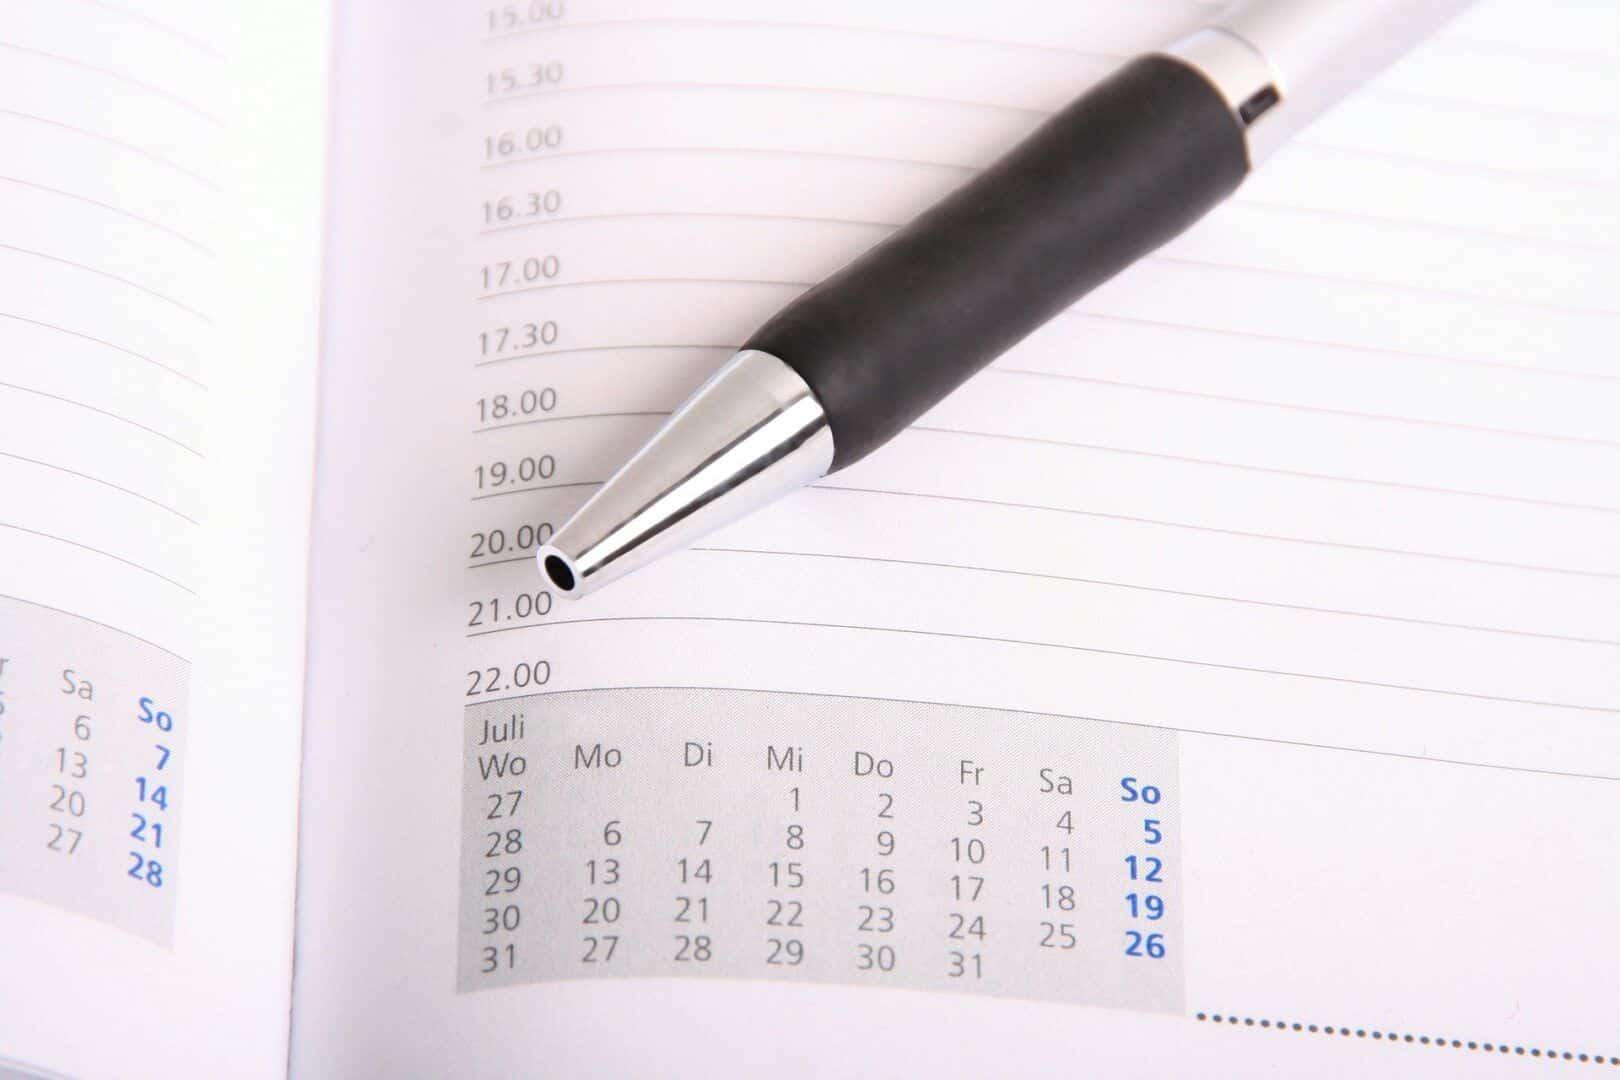 Fotografia de uma agenda para ilustração do item